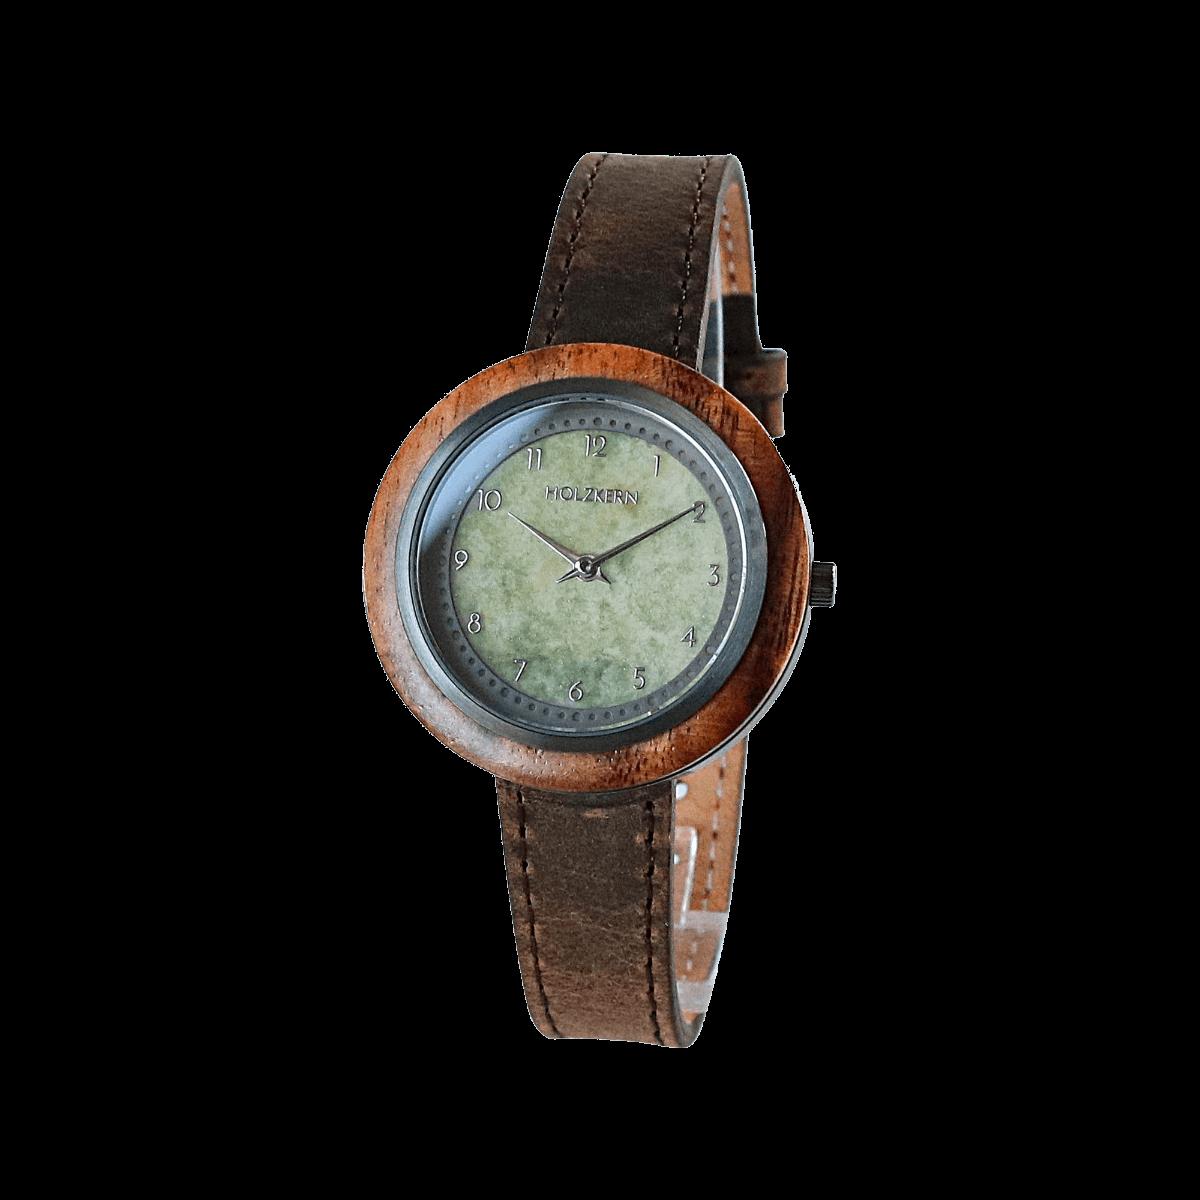 Eine Lünette aus Akazie in Verbindung mit einem Ziffernblatt aus echtem Achat machen die Holzuhr Terrazza von Holzkern zu einem besonderen Exemplar